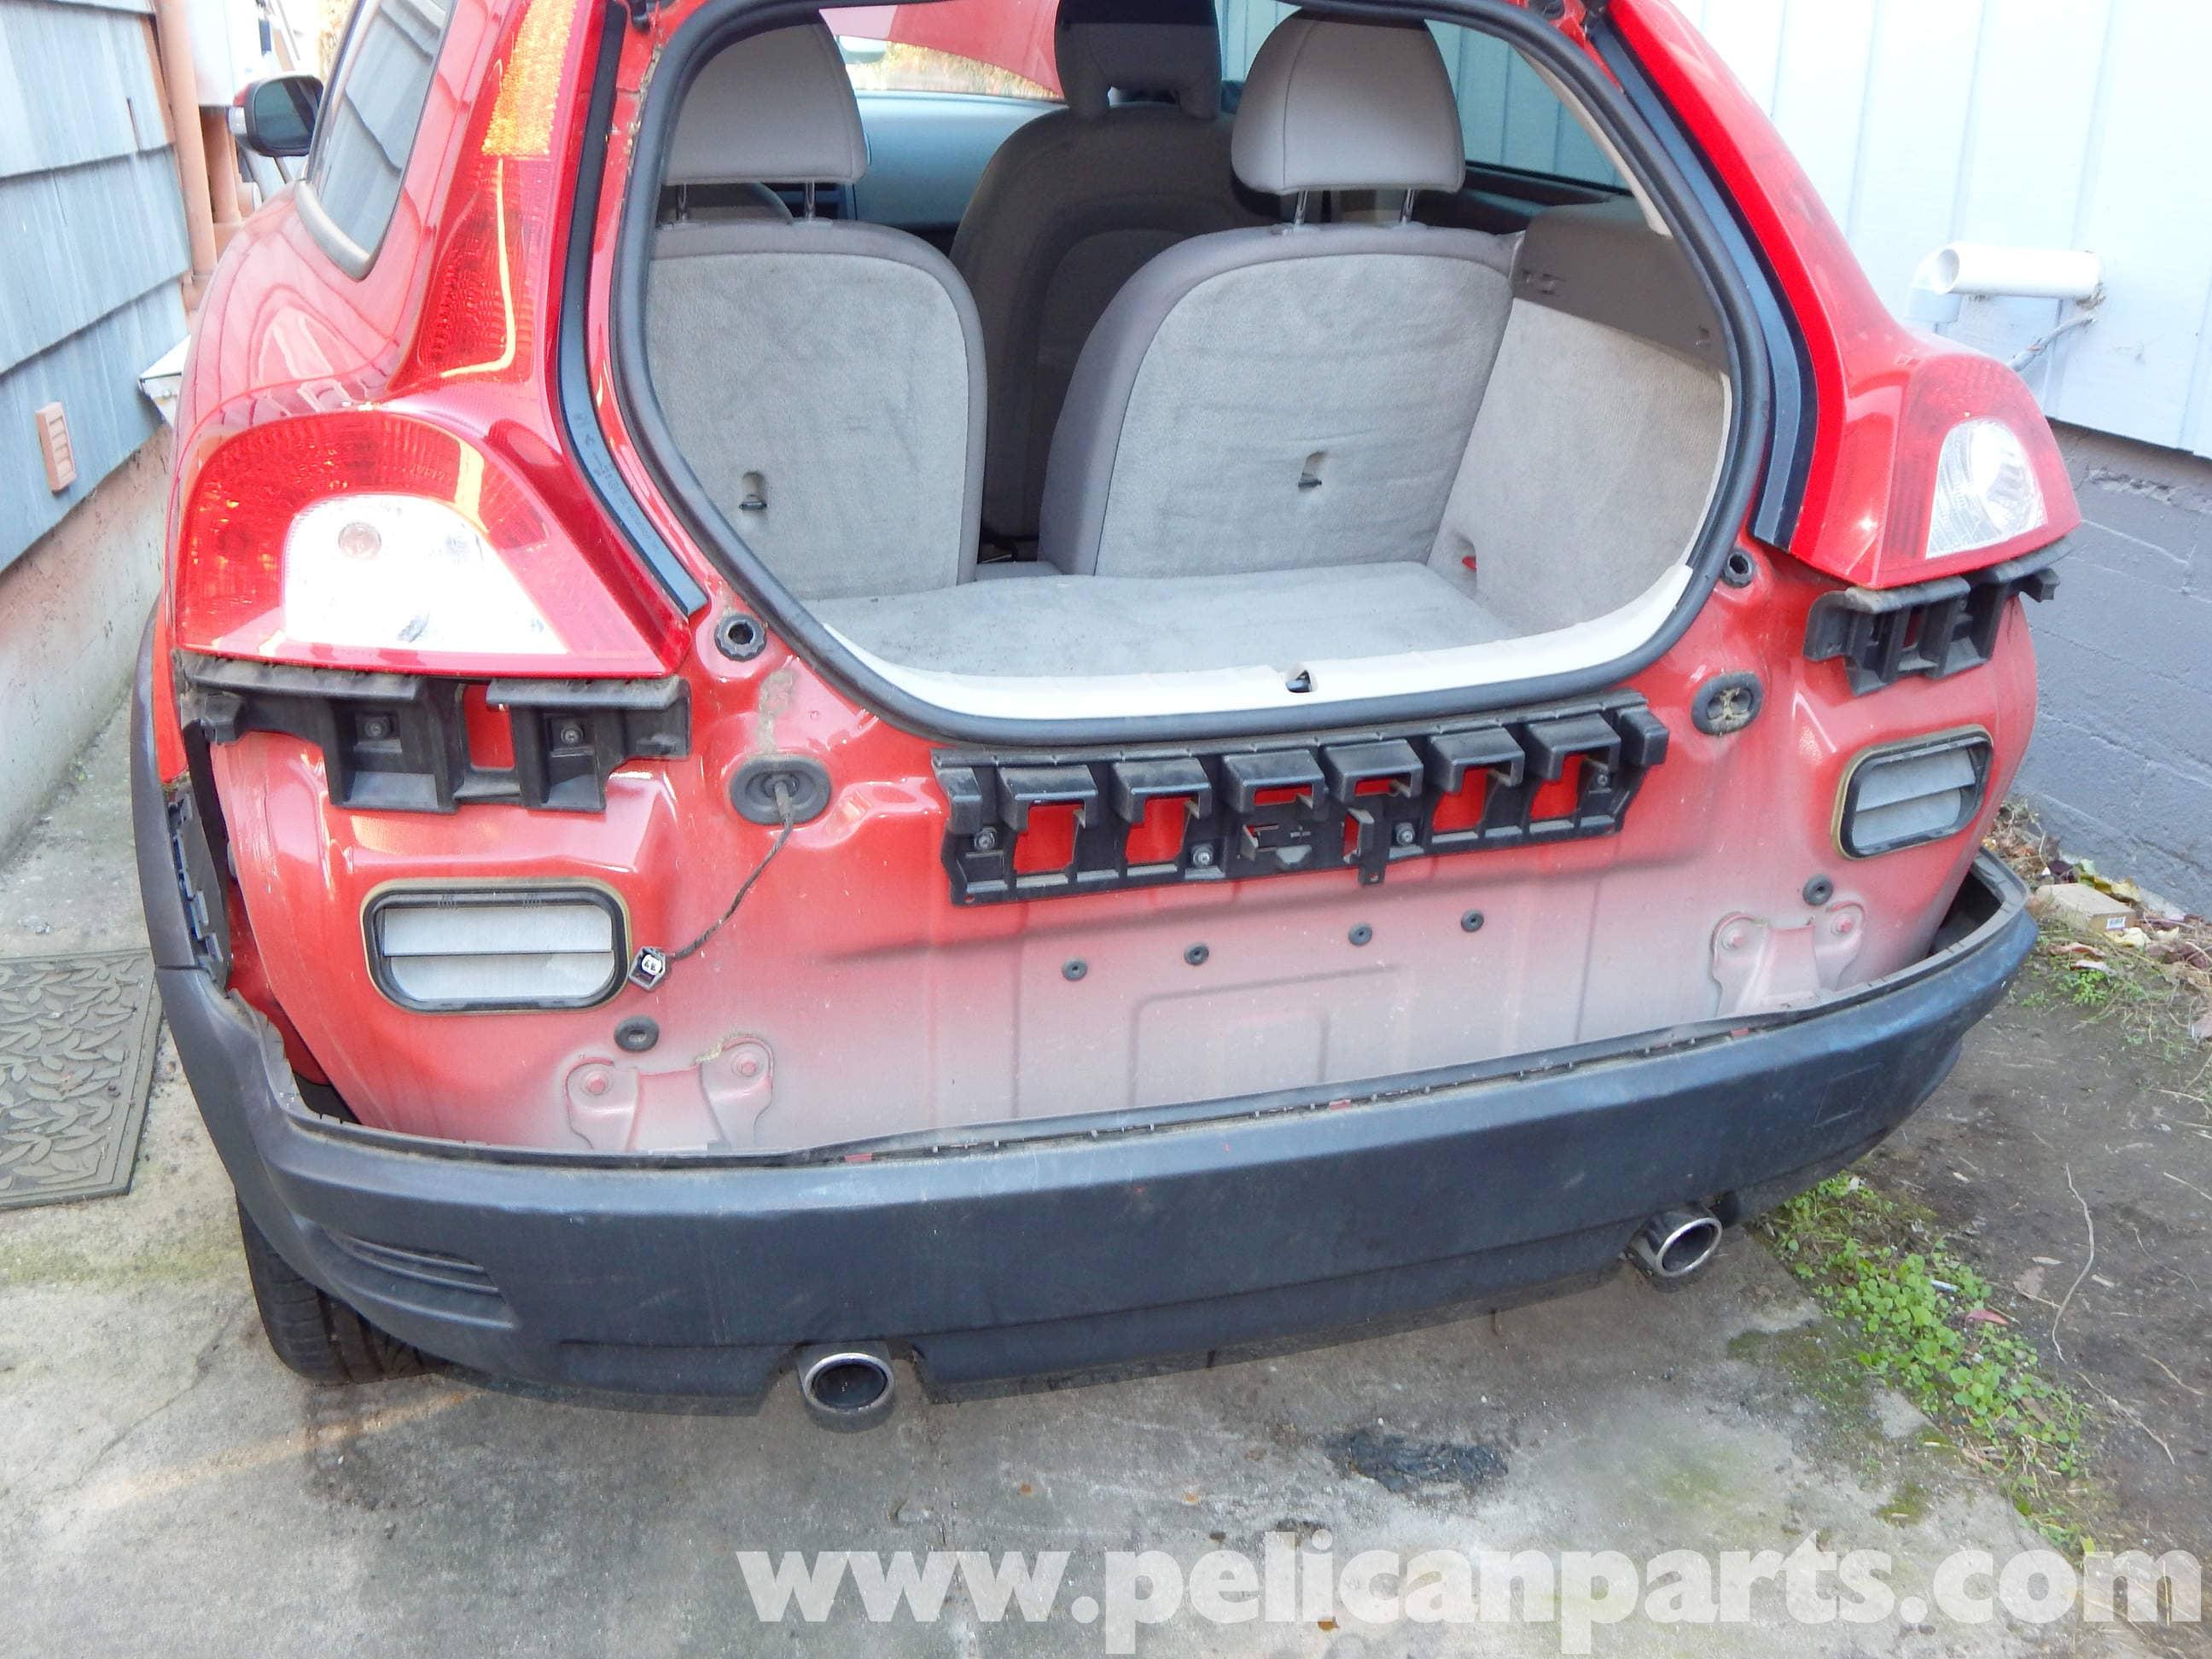 Volvo C30 Rear Bumper Cover Removal | C30 T5 (2008-2013